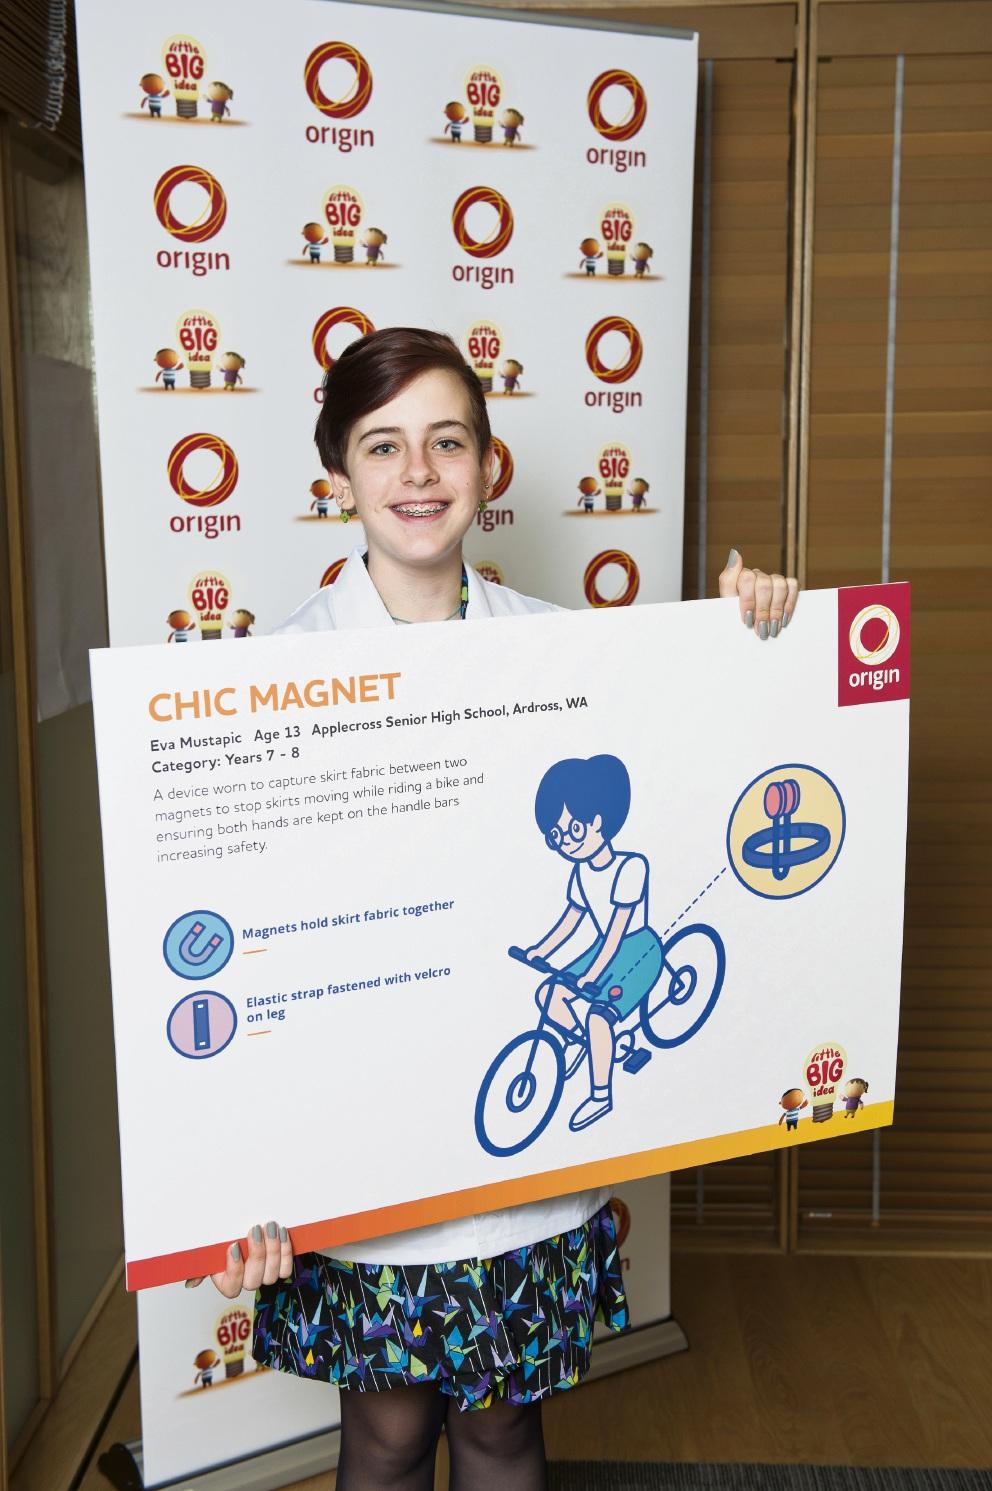 Chic Magnet inventor Eva Mustapic.